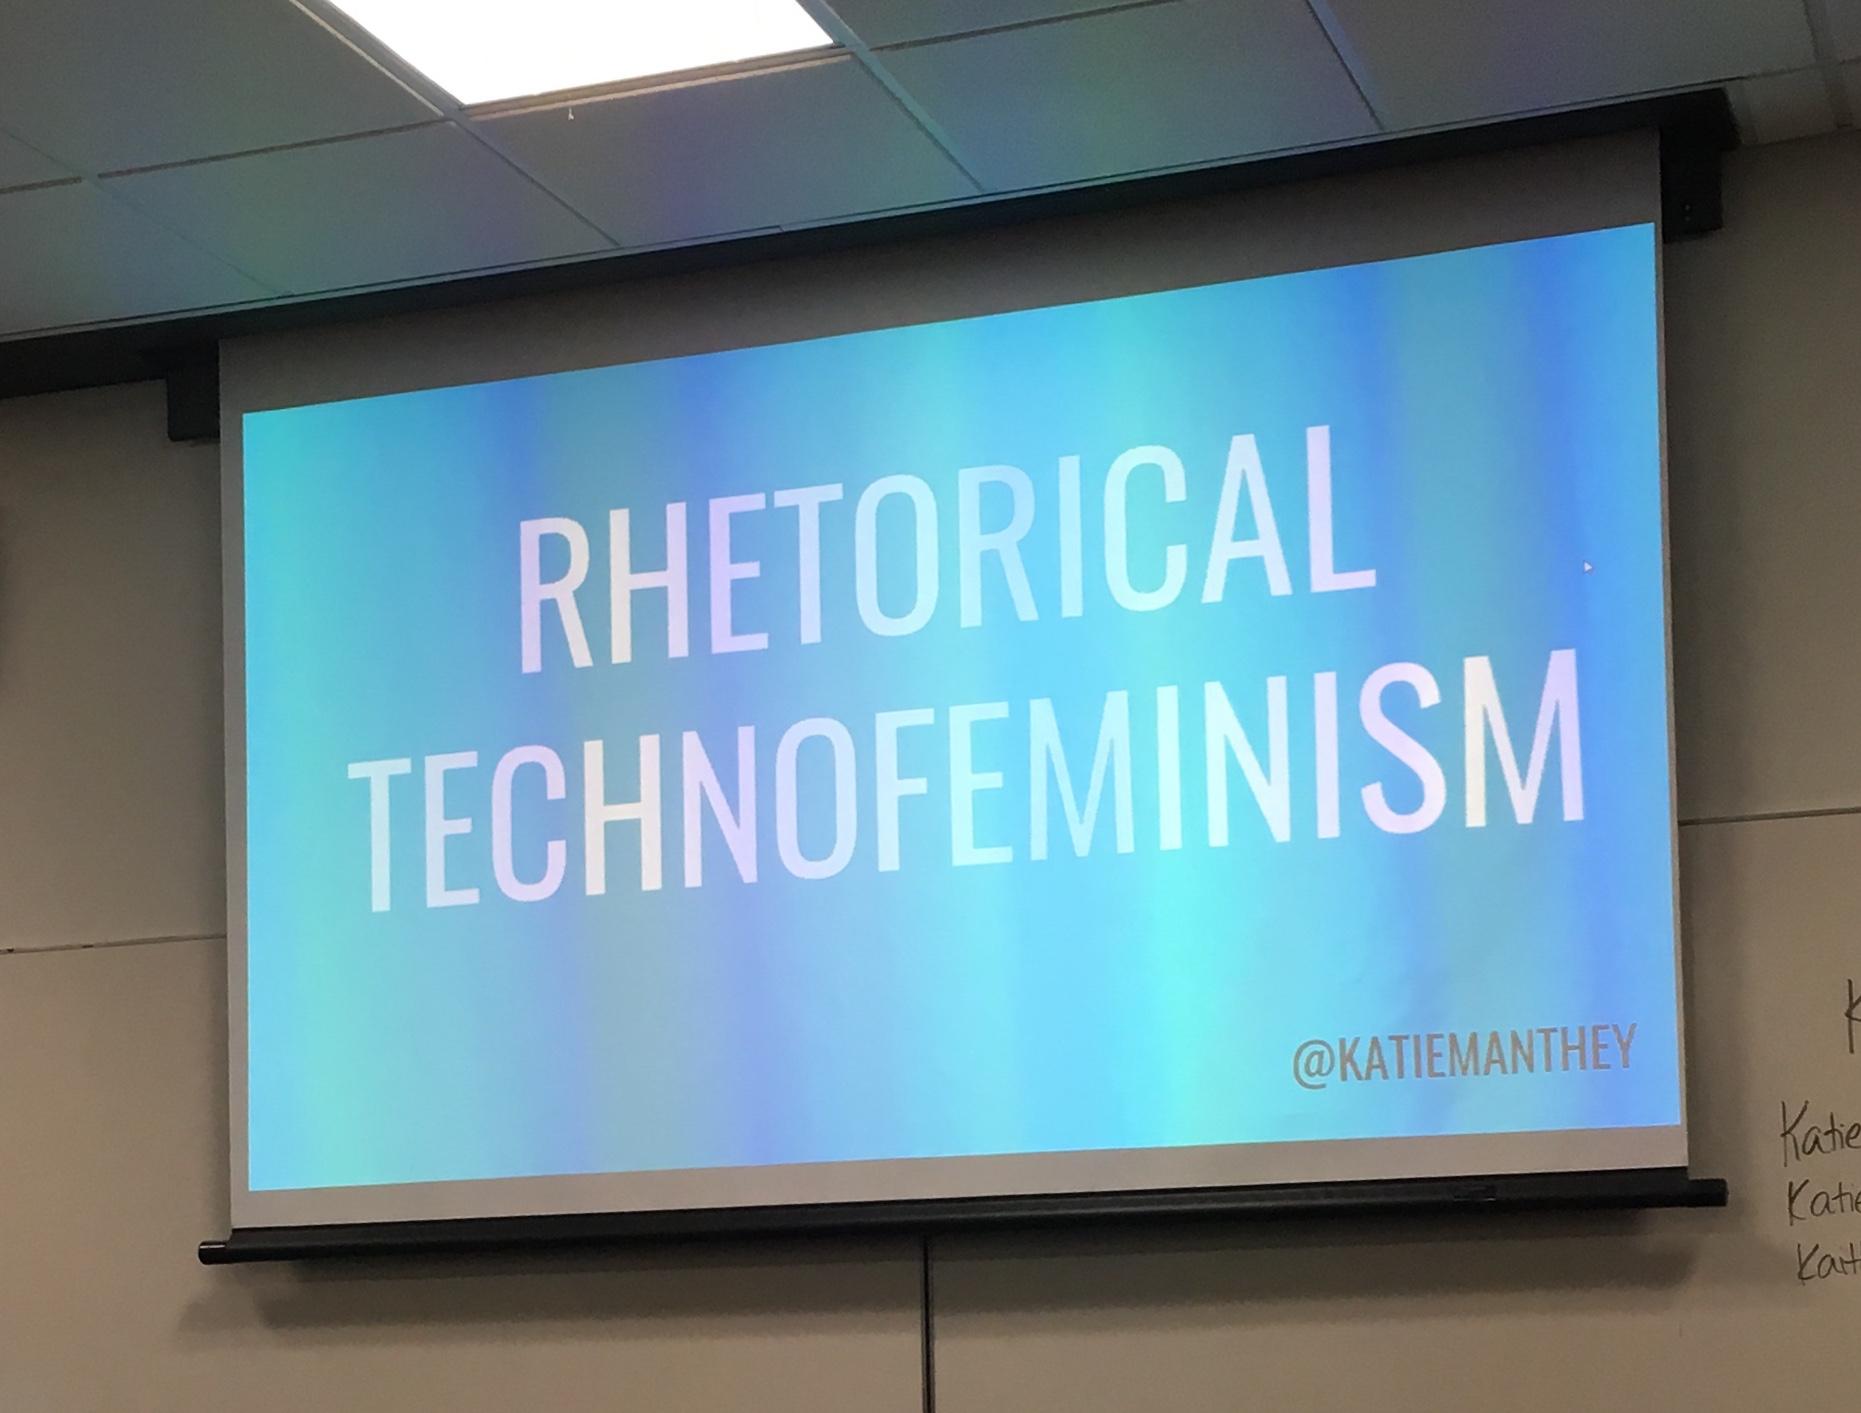 Rhetorical Technofeminism Slide banner